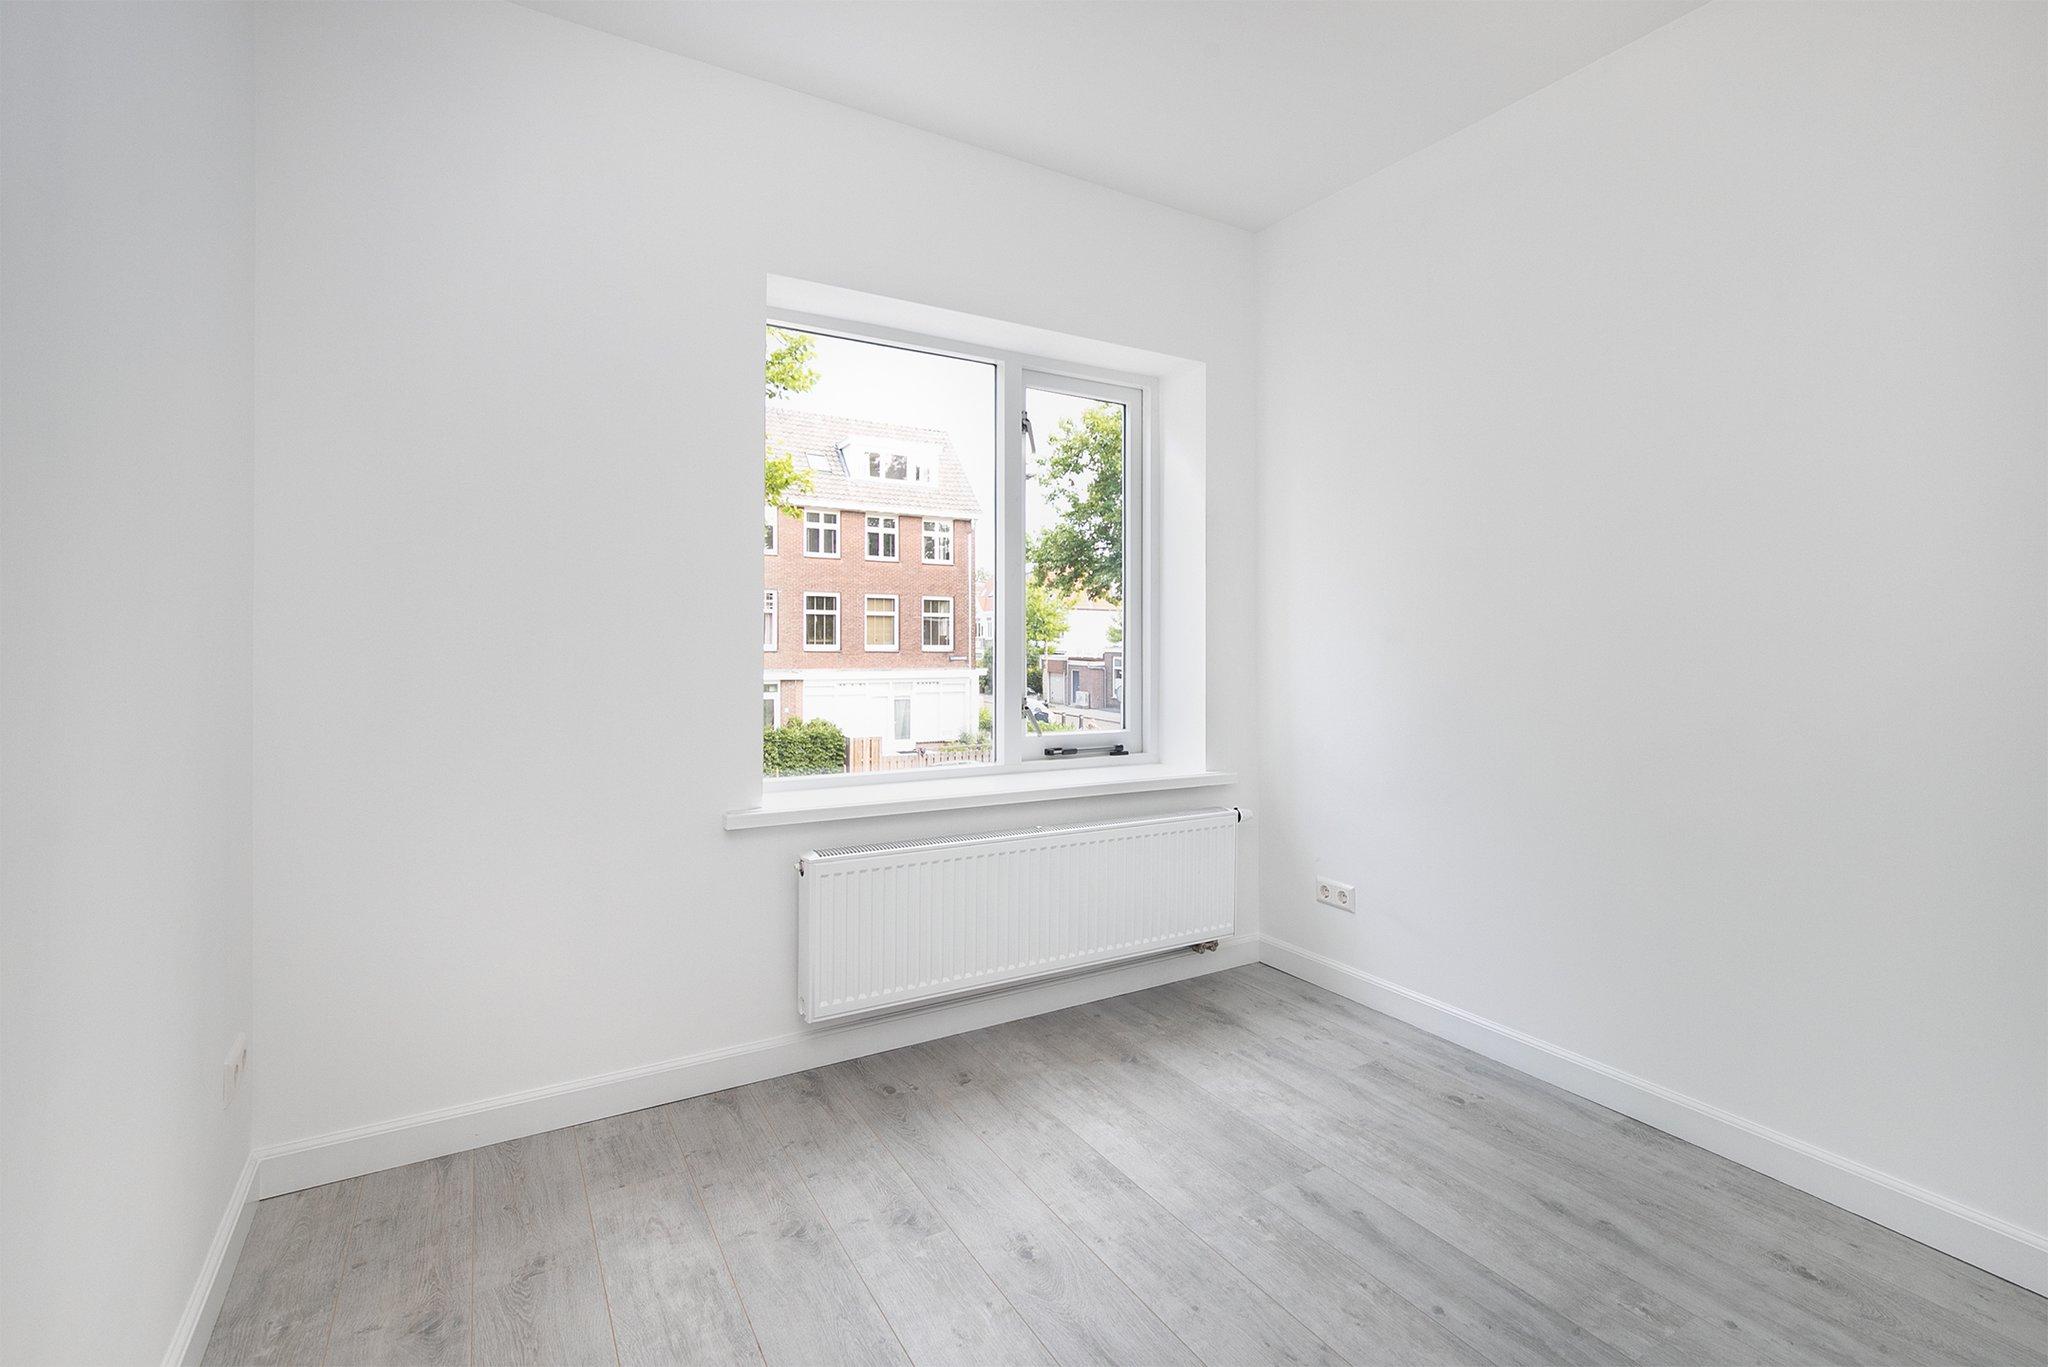 Te huur : Appartement Rijksstraatweg 80 in Haarlem